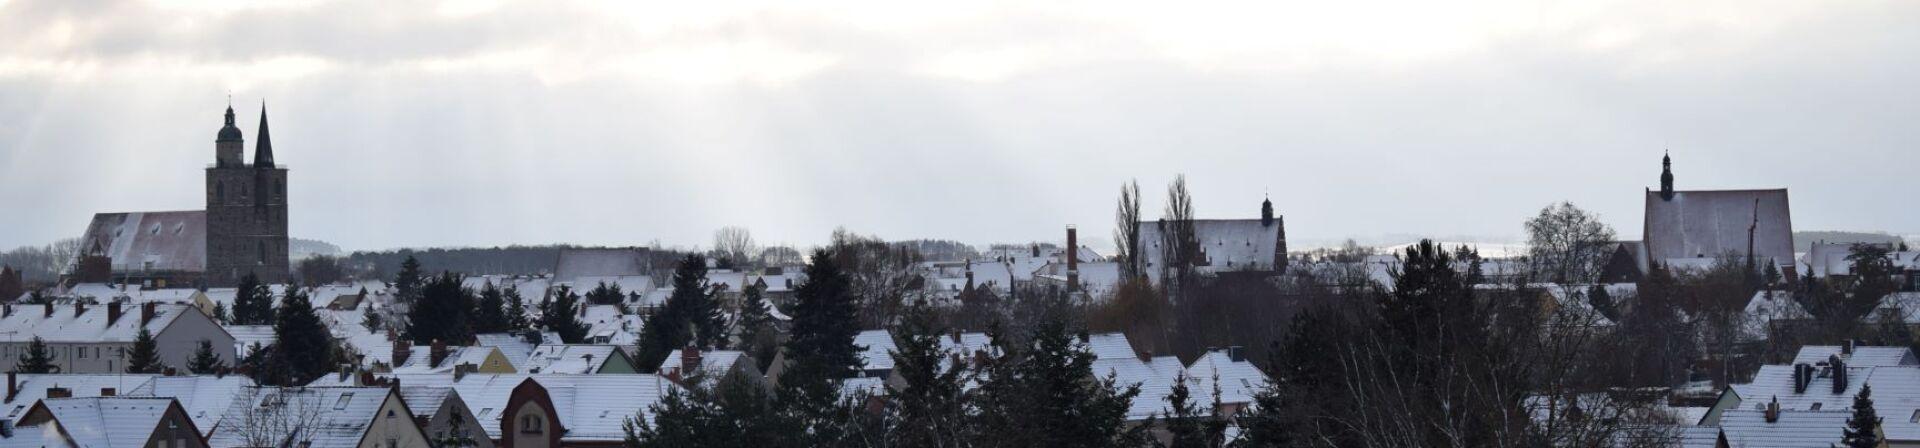 Altstadtkern vom Wasserturm im Winter